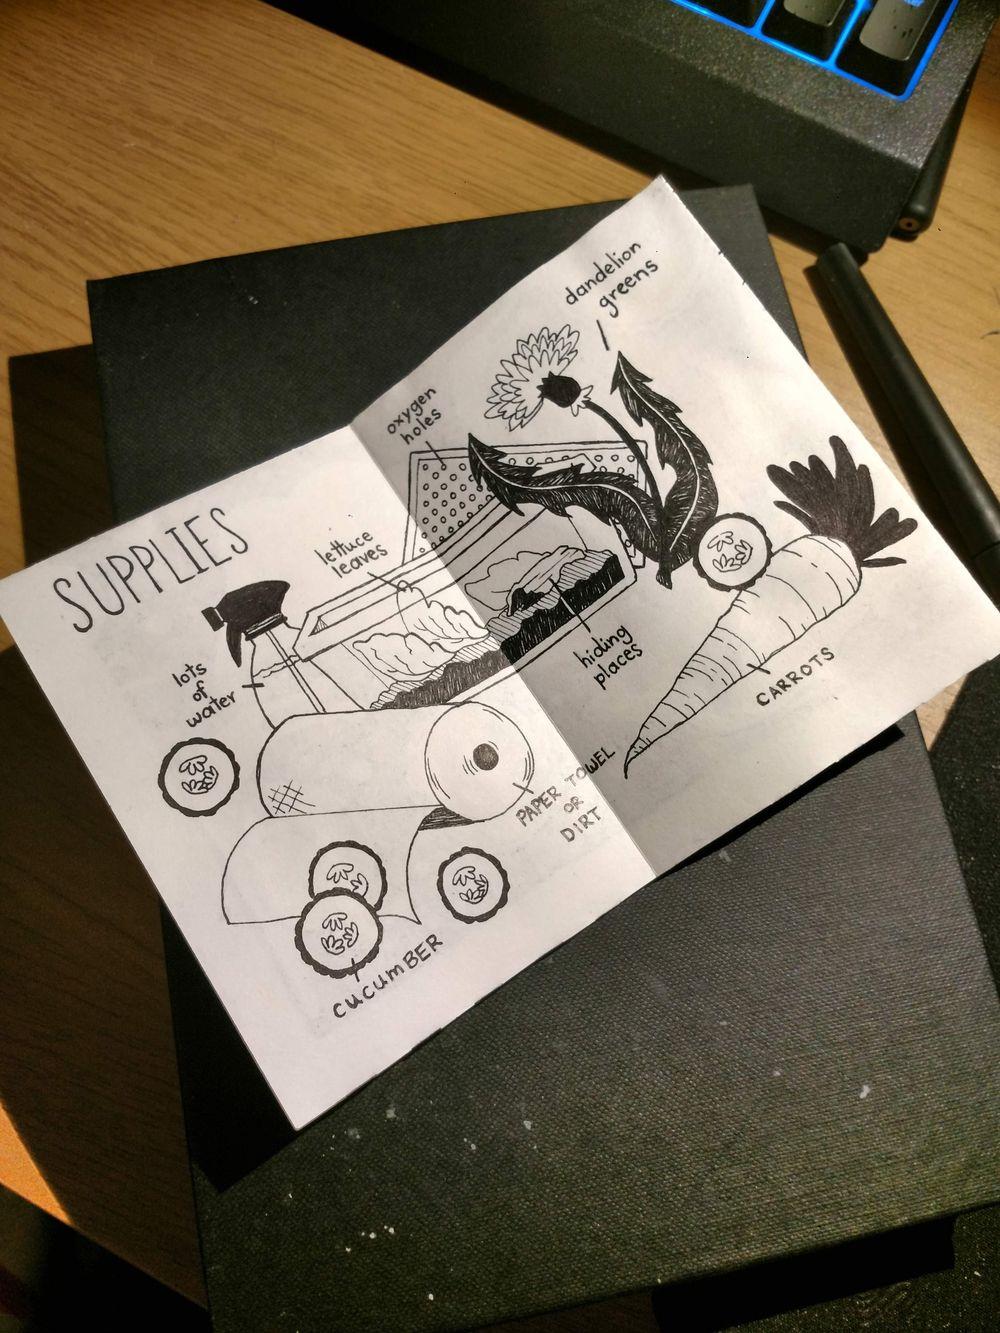 You've Got Snail - image 2 - student project